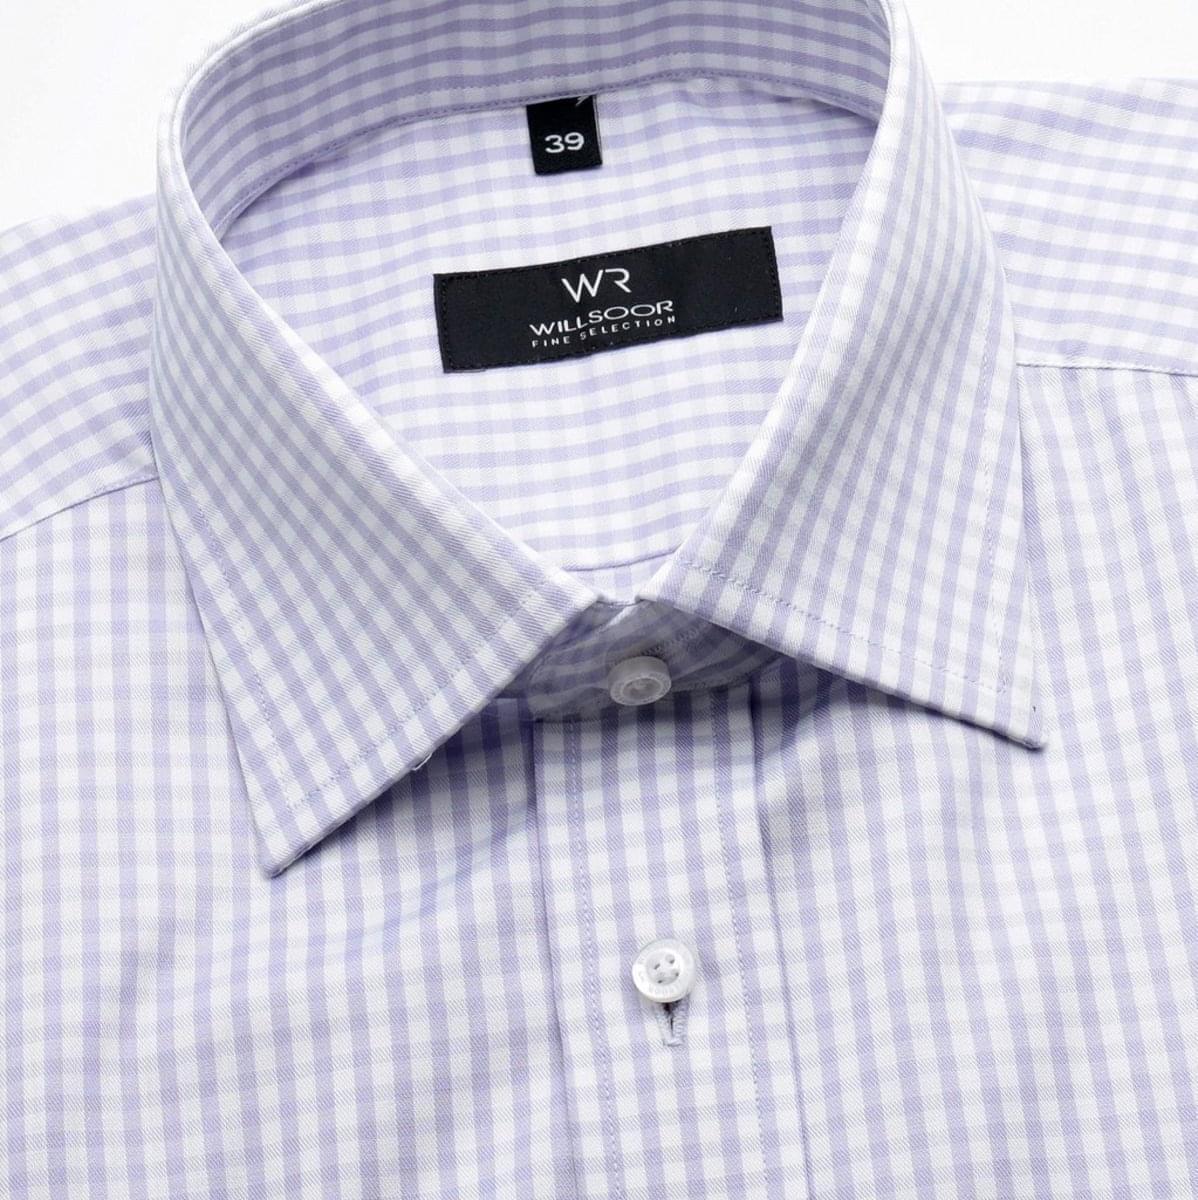 Willsoor Pánská košile WR Fine Selection Slim Fit (výška 176/182) 948 176-182 / 40